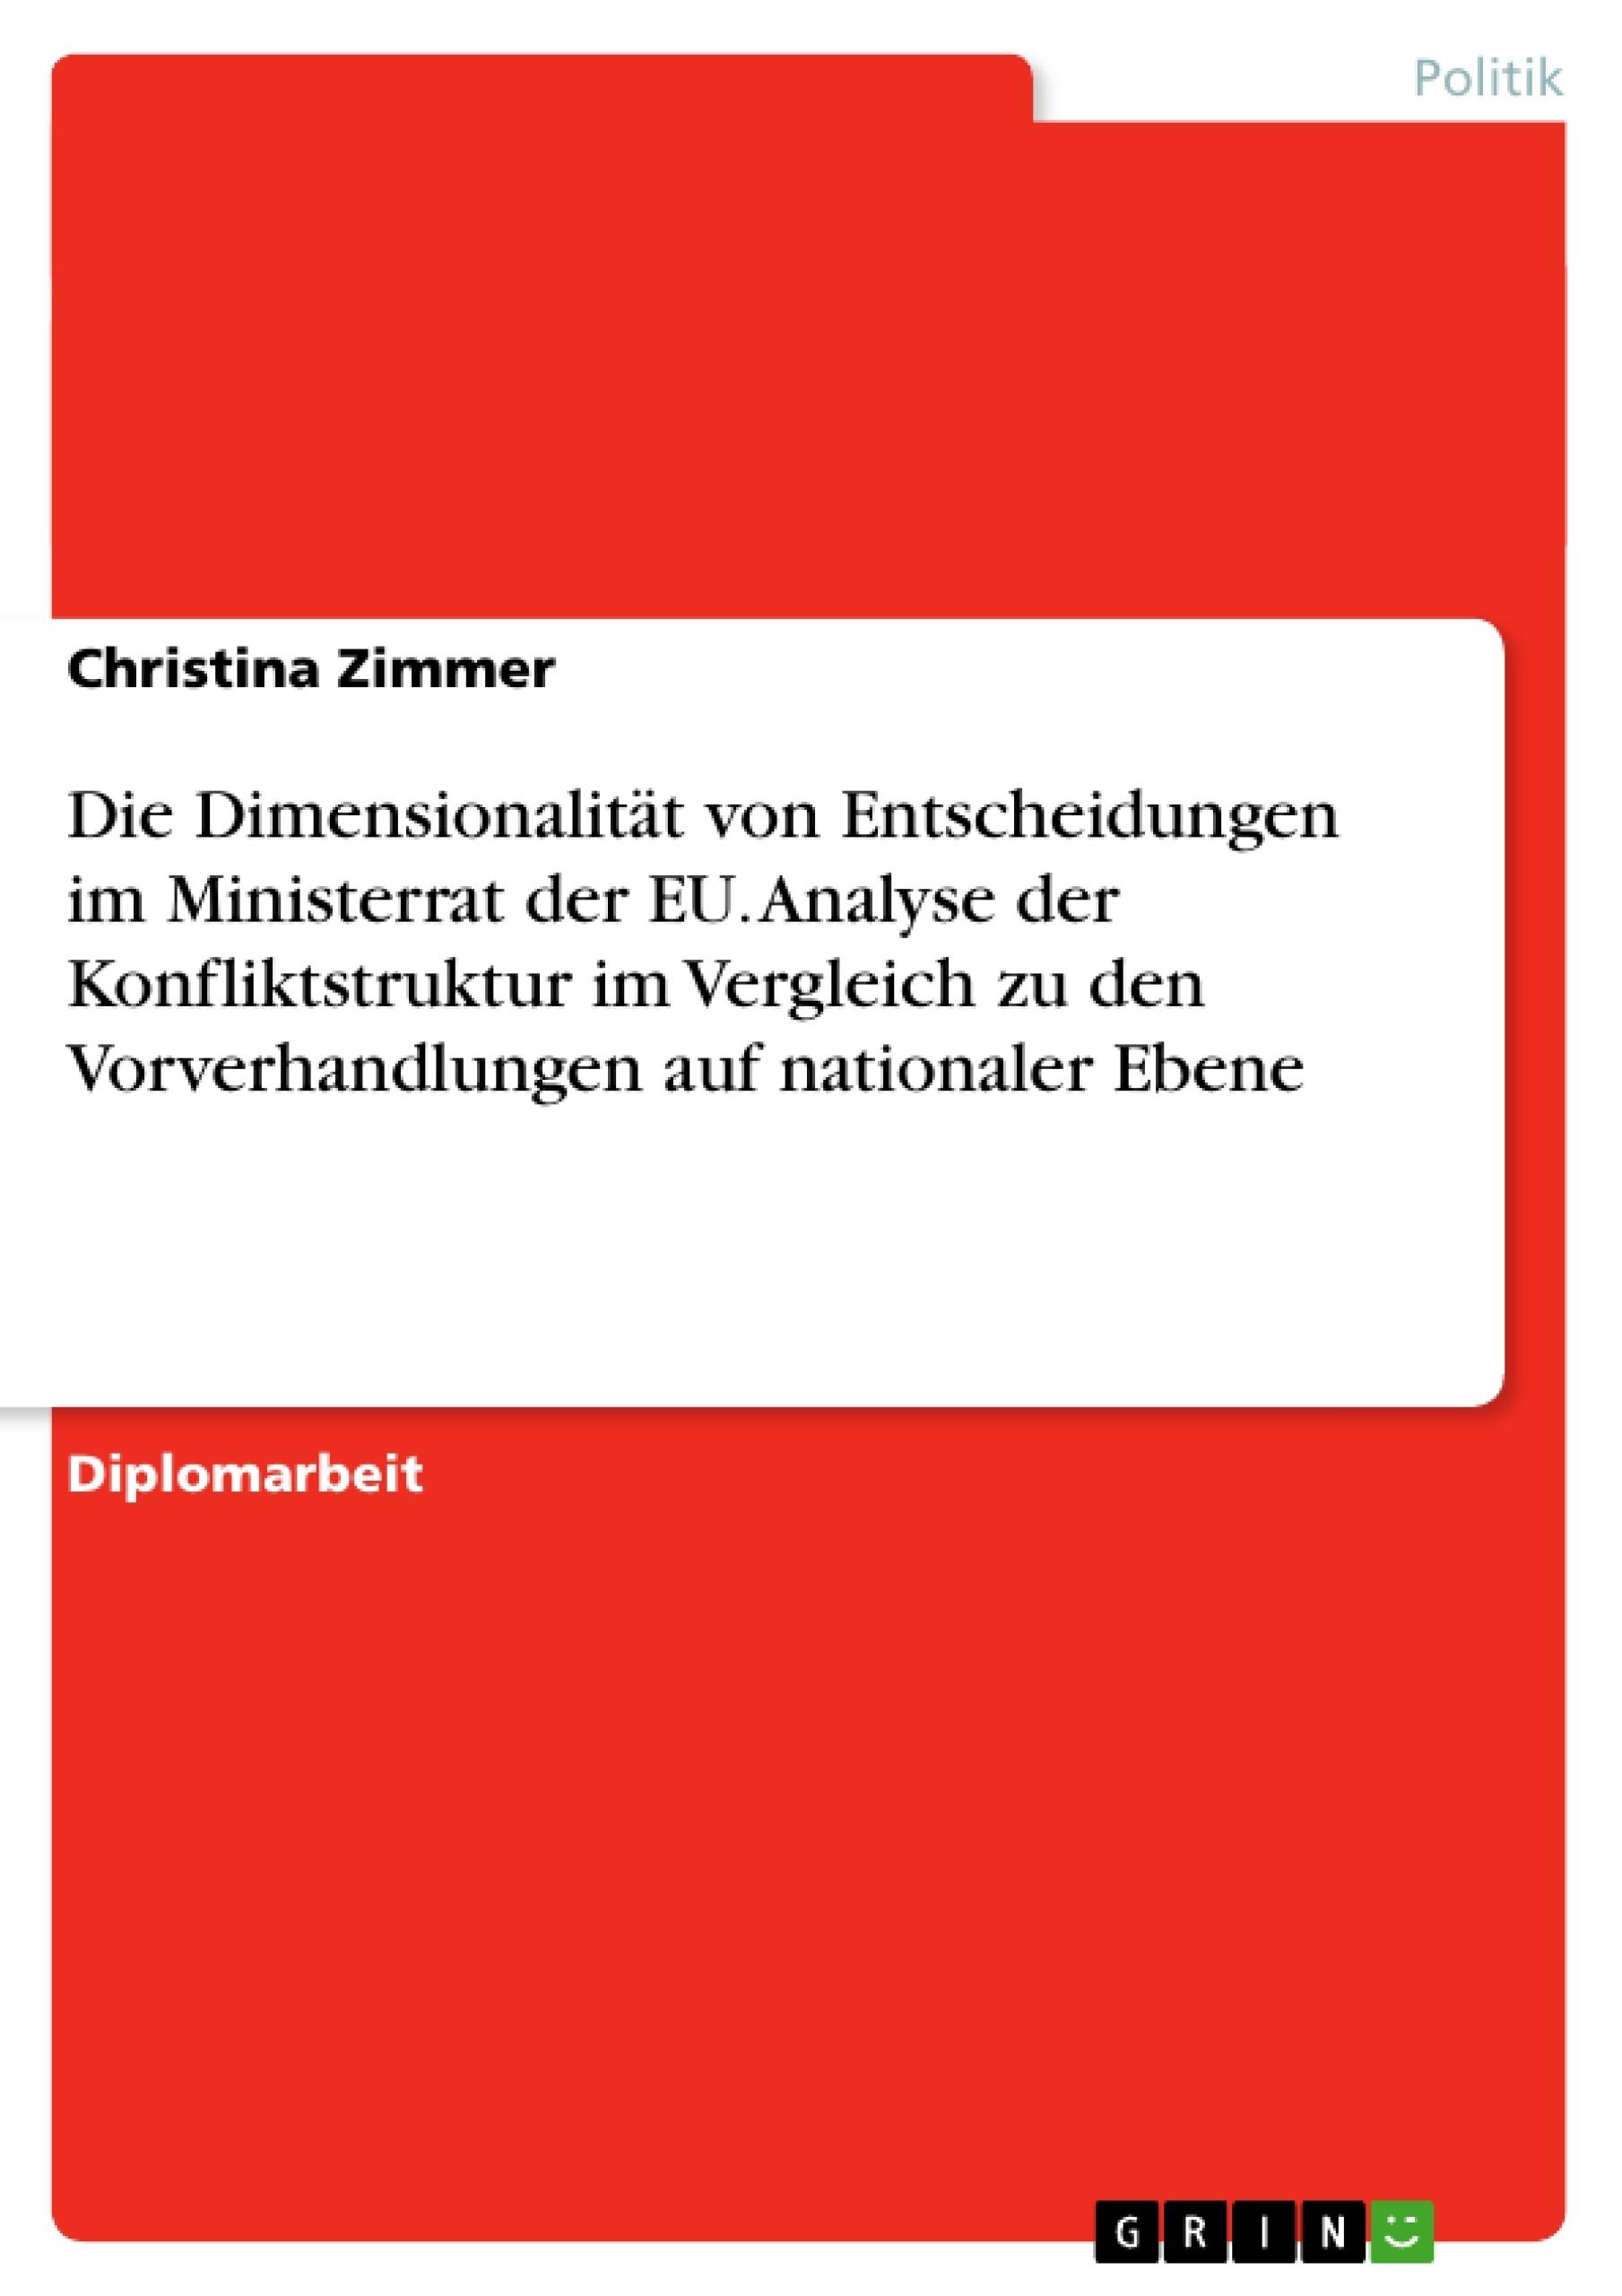 Titel: Die Dimensionalität von Entscheidungen im Ministerrat der EU. Analyse der Konfliktstruktur im Vergleich zu den Vorverhandlungen auf nationaler Ebene